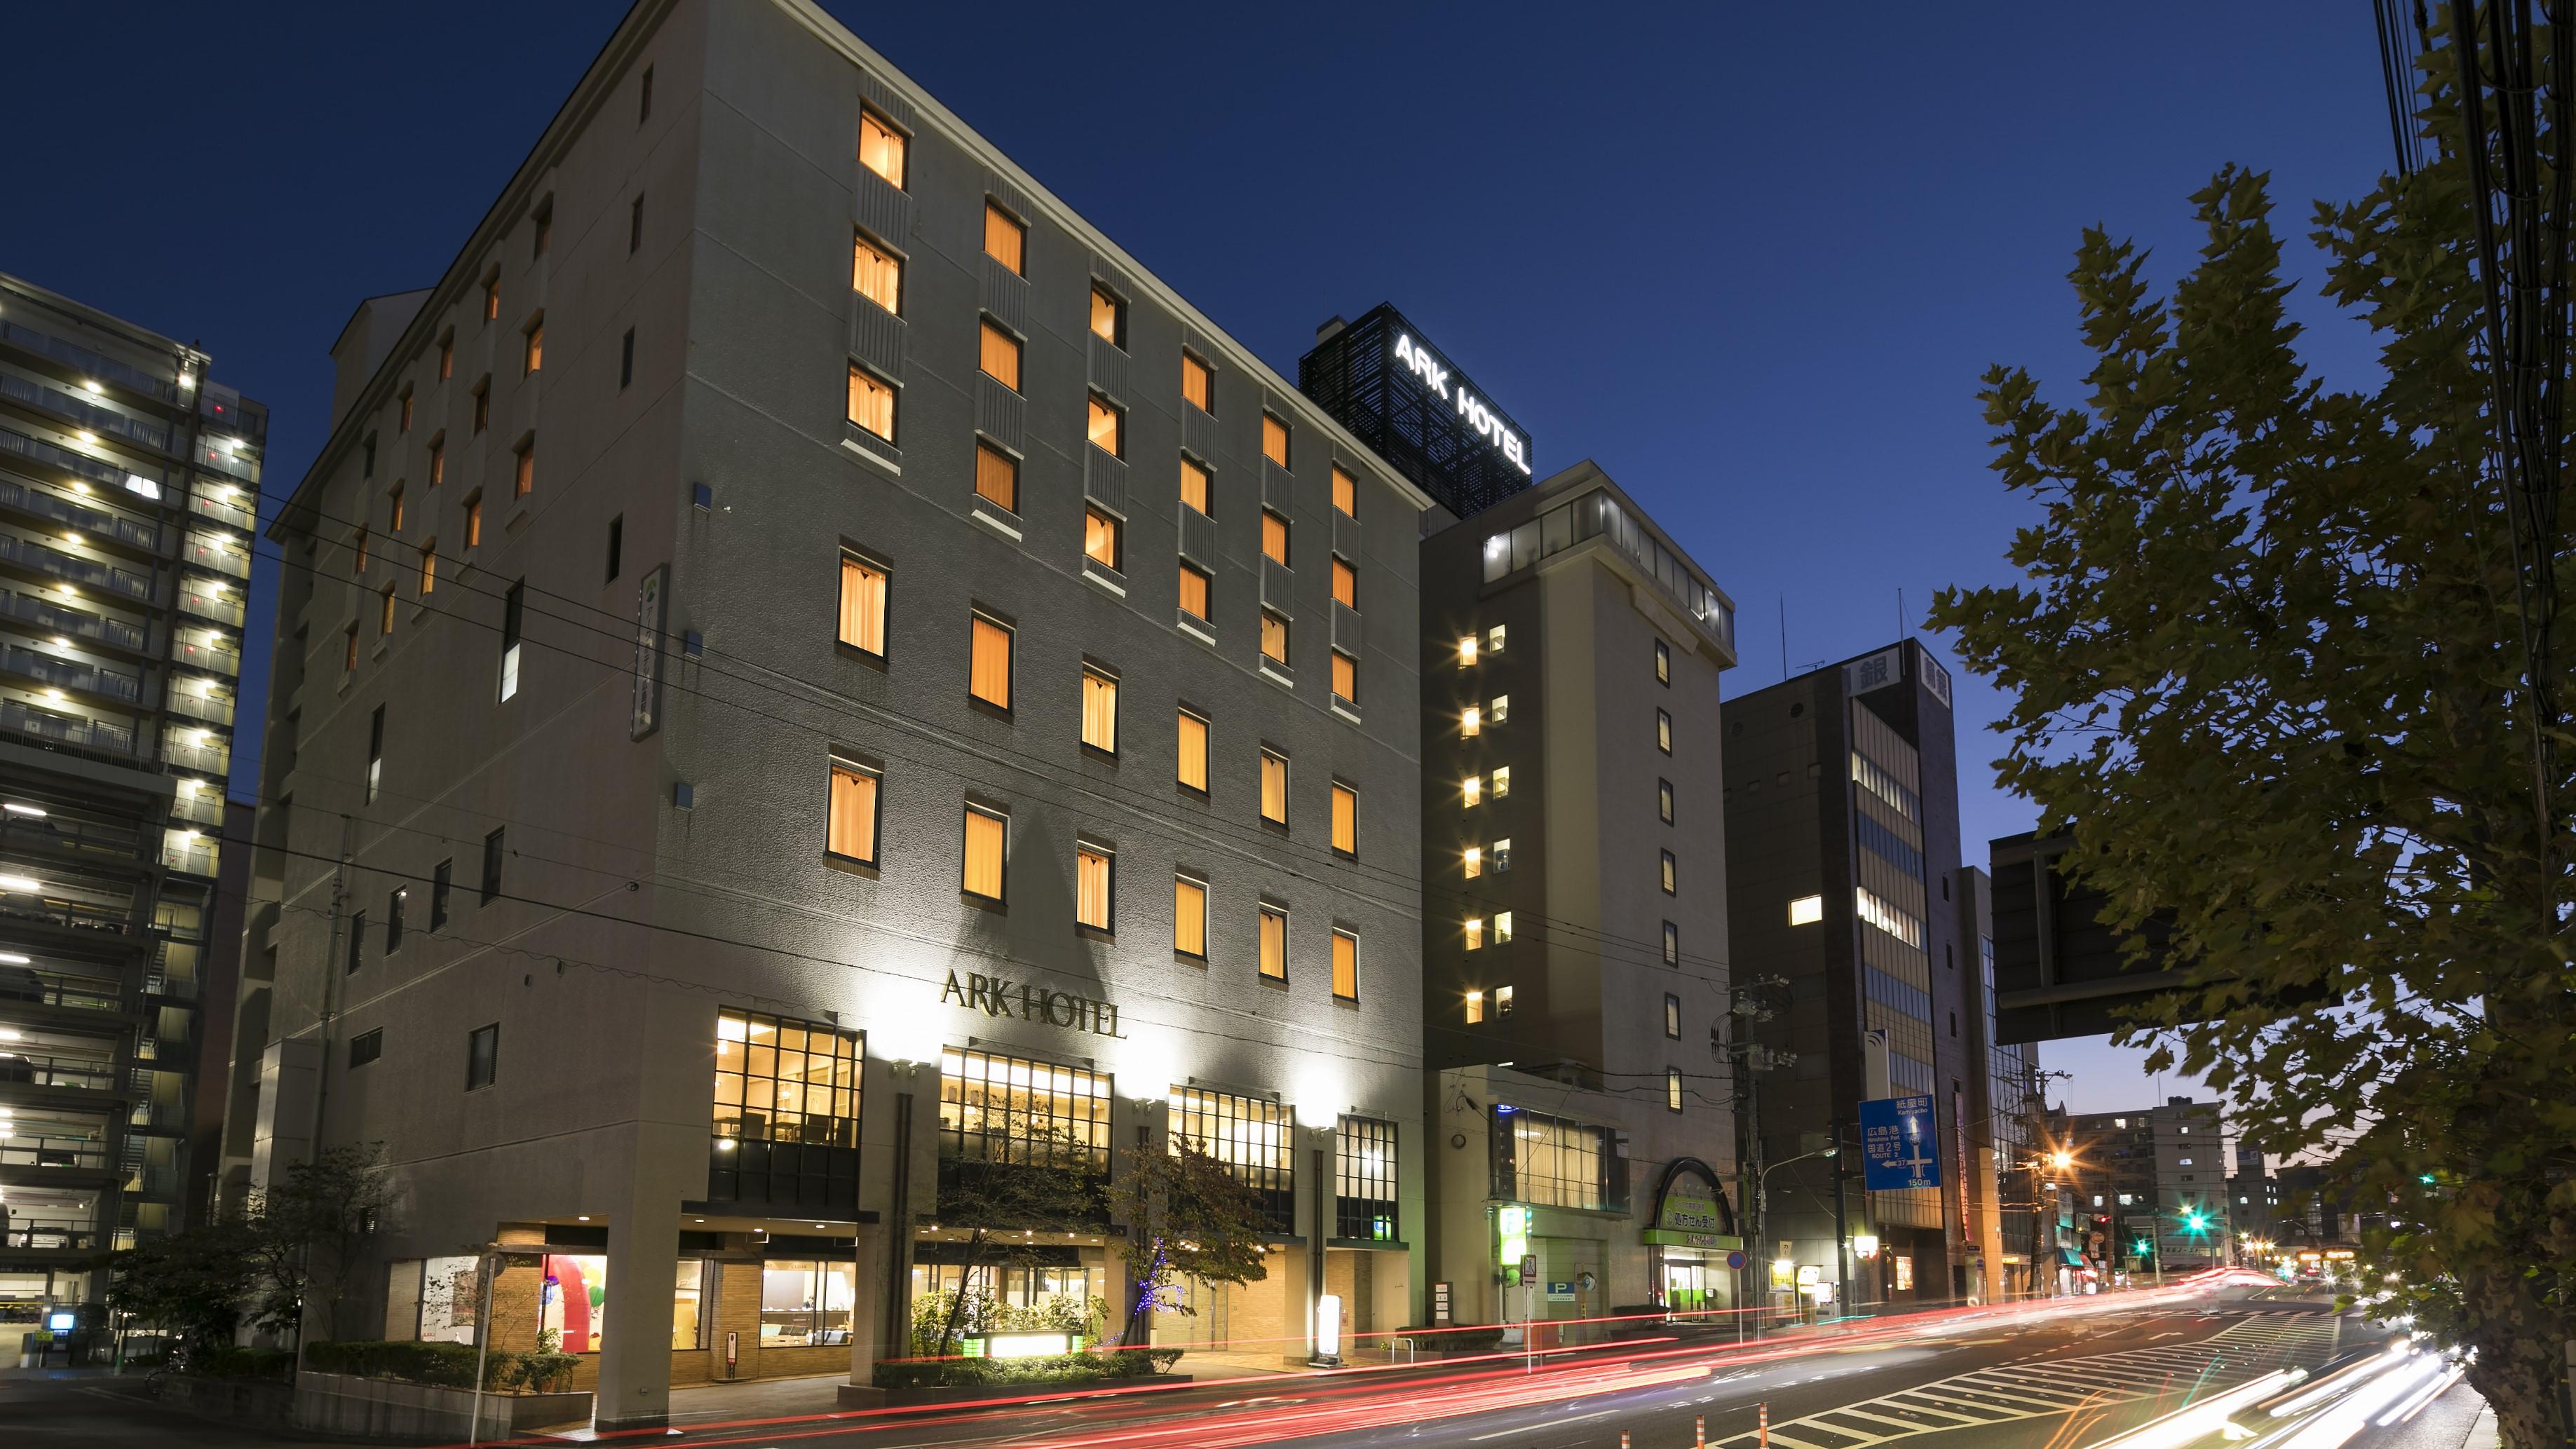 アークホテル広島駅南 -ルートインホテルズ-...